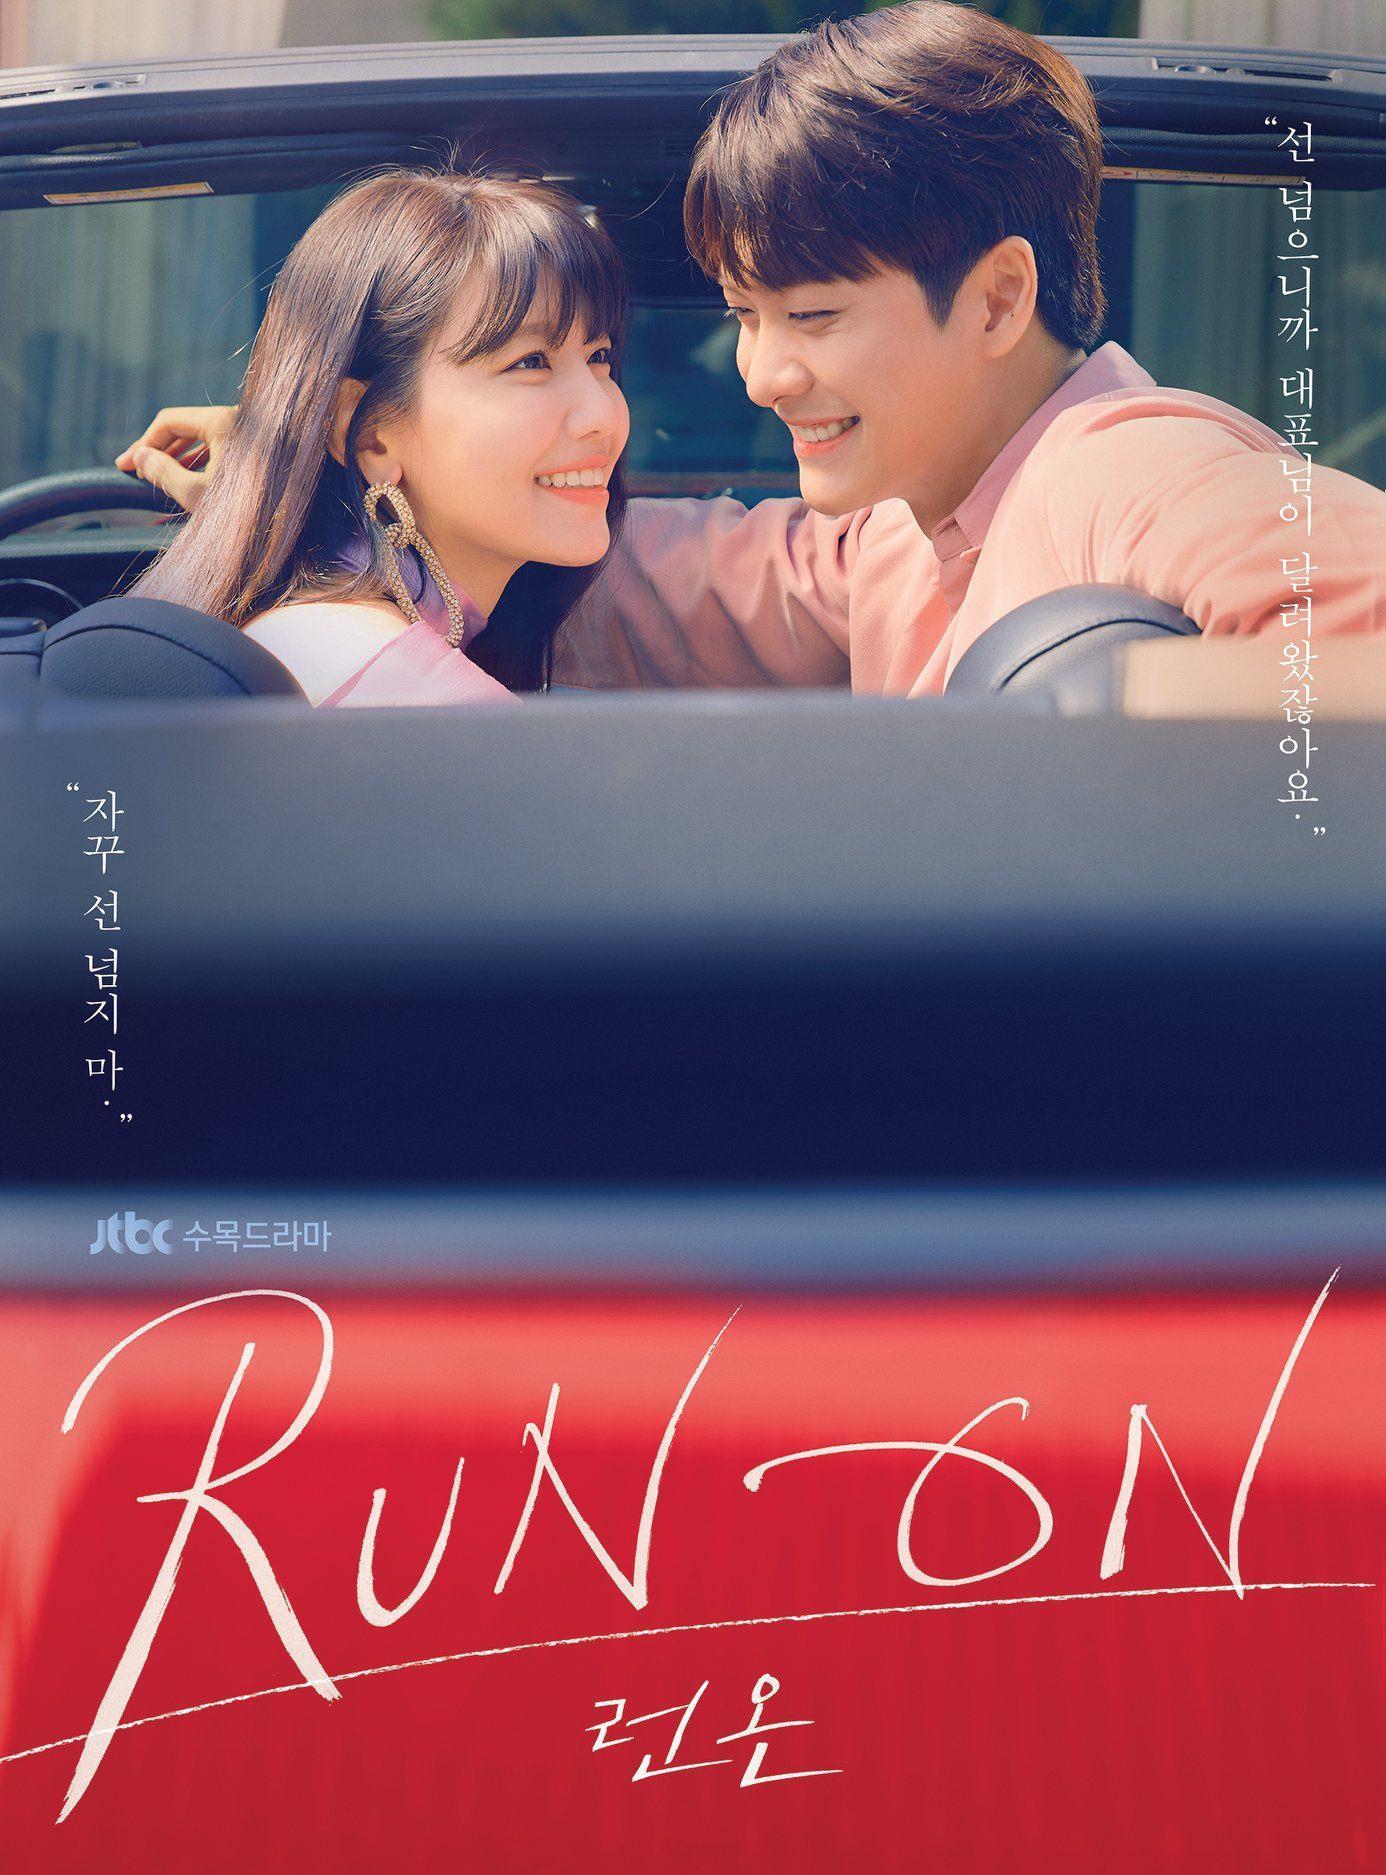 少女时代的崔秀英将在RunOn剧中饰演CEO的角色